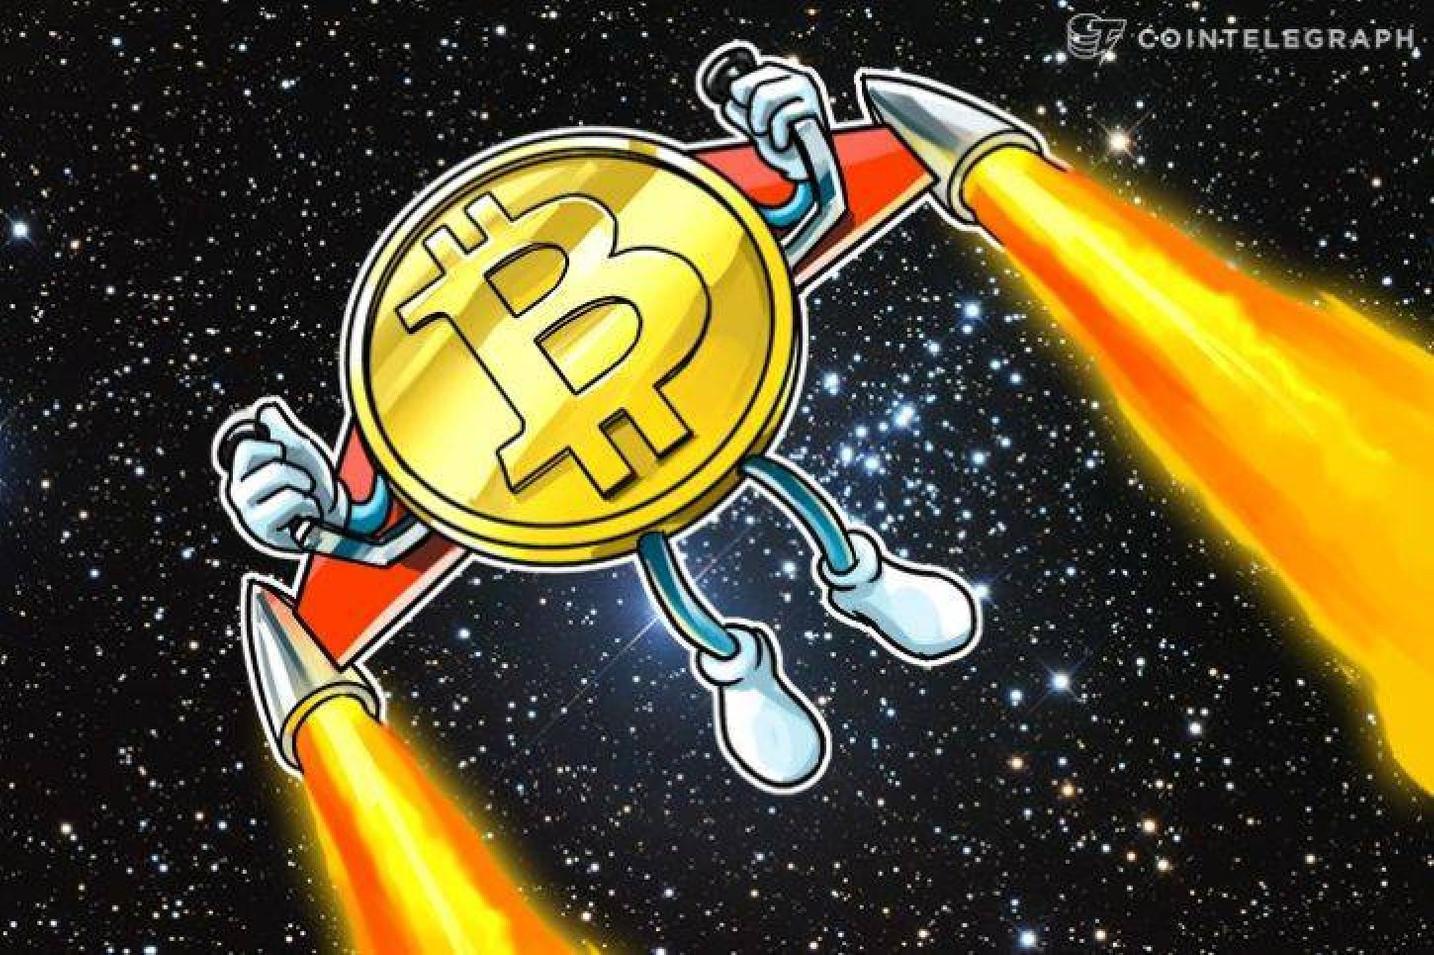 他の仮想通貨よりビットコイン投資を勧める訳とは?サスケハナの幹部が解説